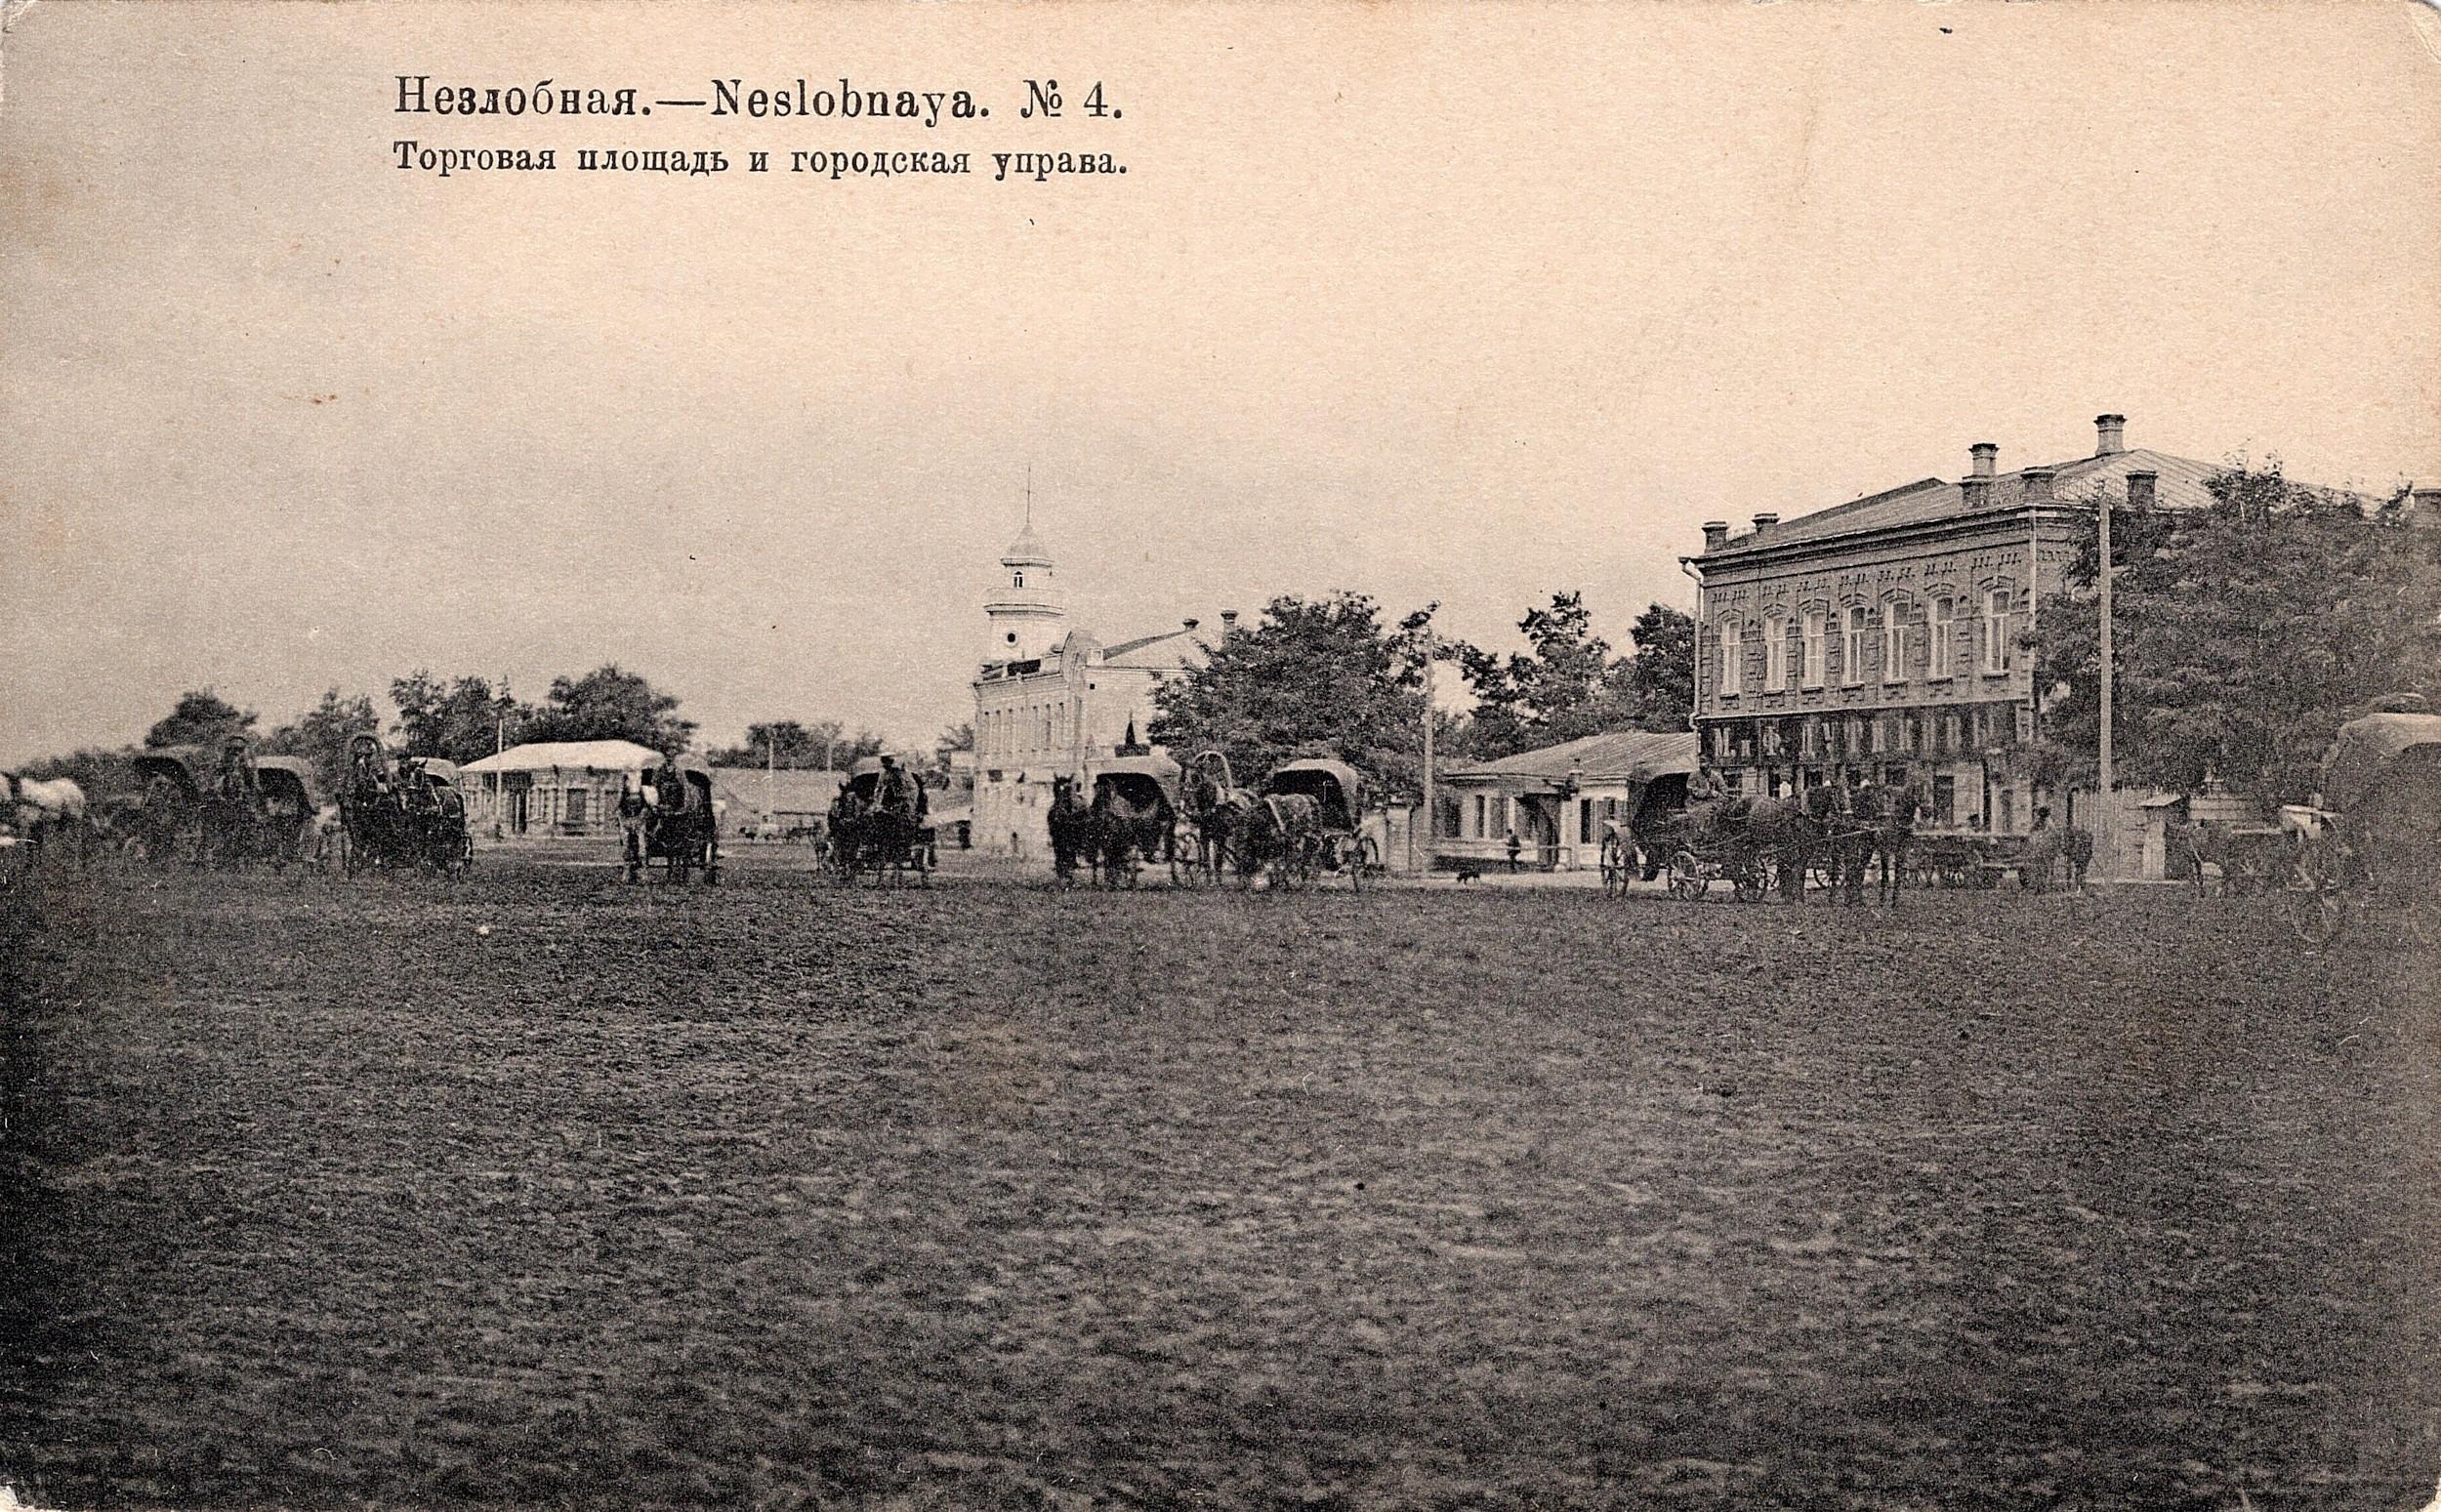 Незлобная. № 4 (Георгиевск). Торговая площадь и городская управа.